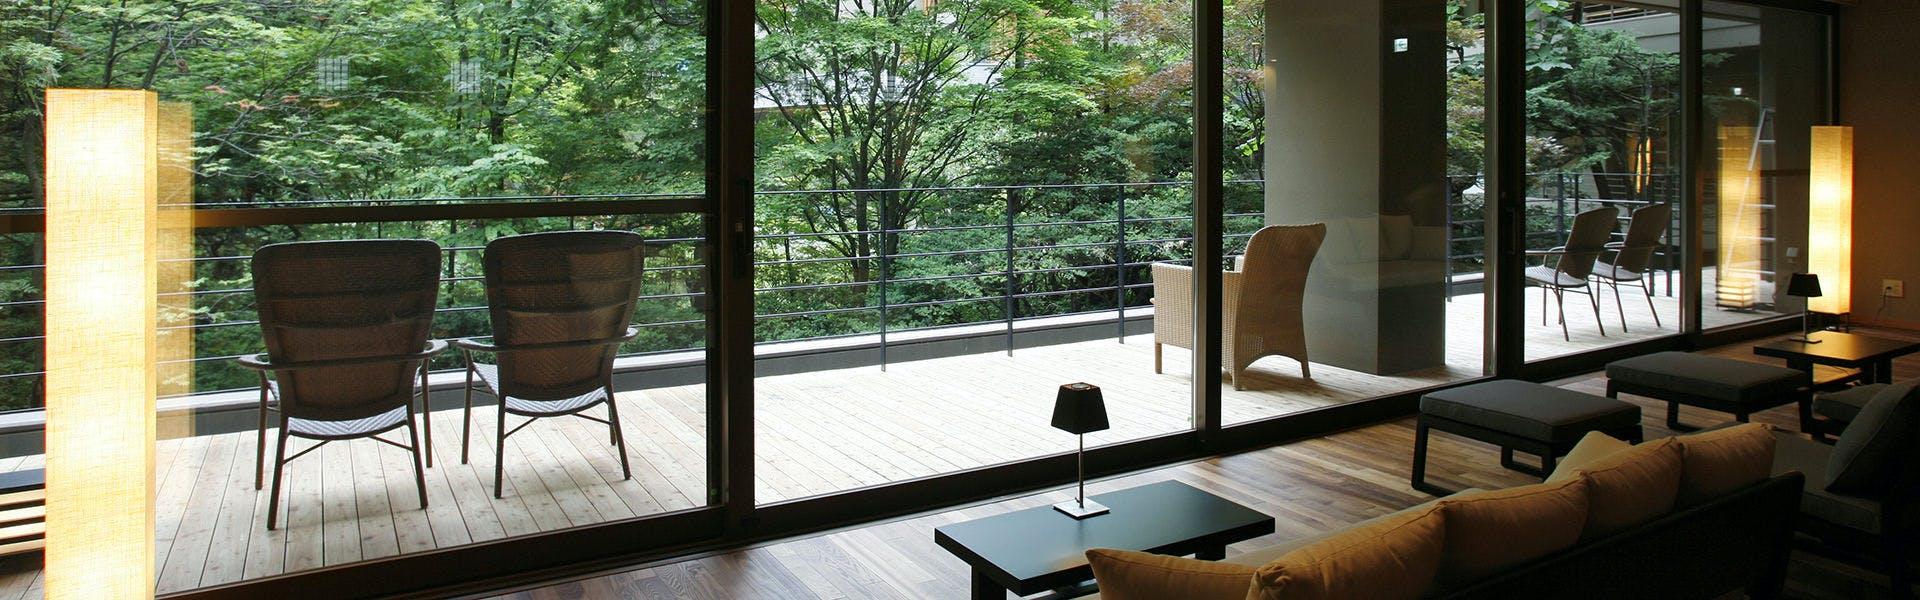 記念日におすすめのホテル・登別温泉郷 滝乃家の写真1